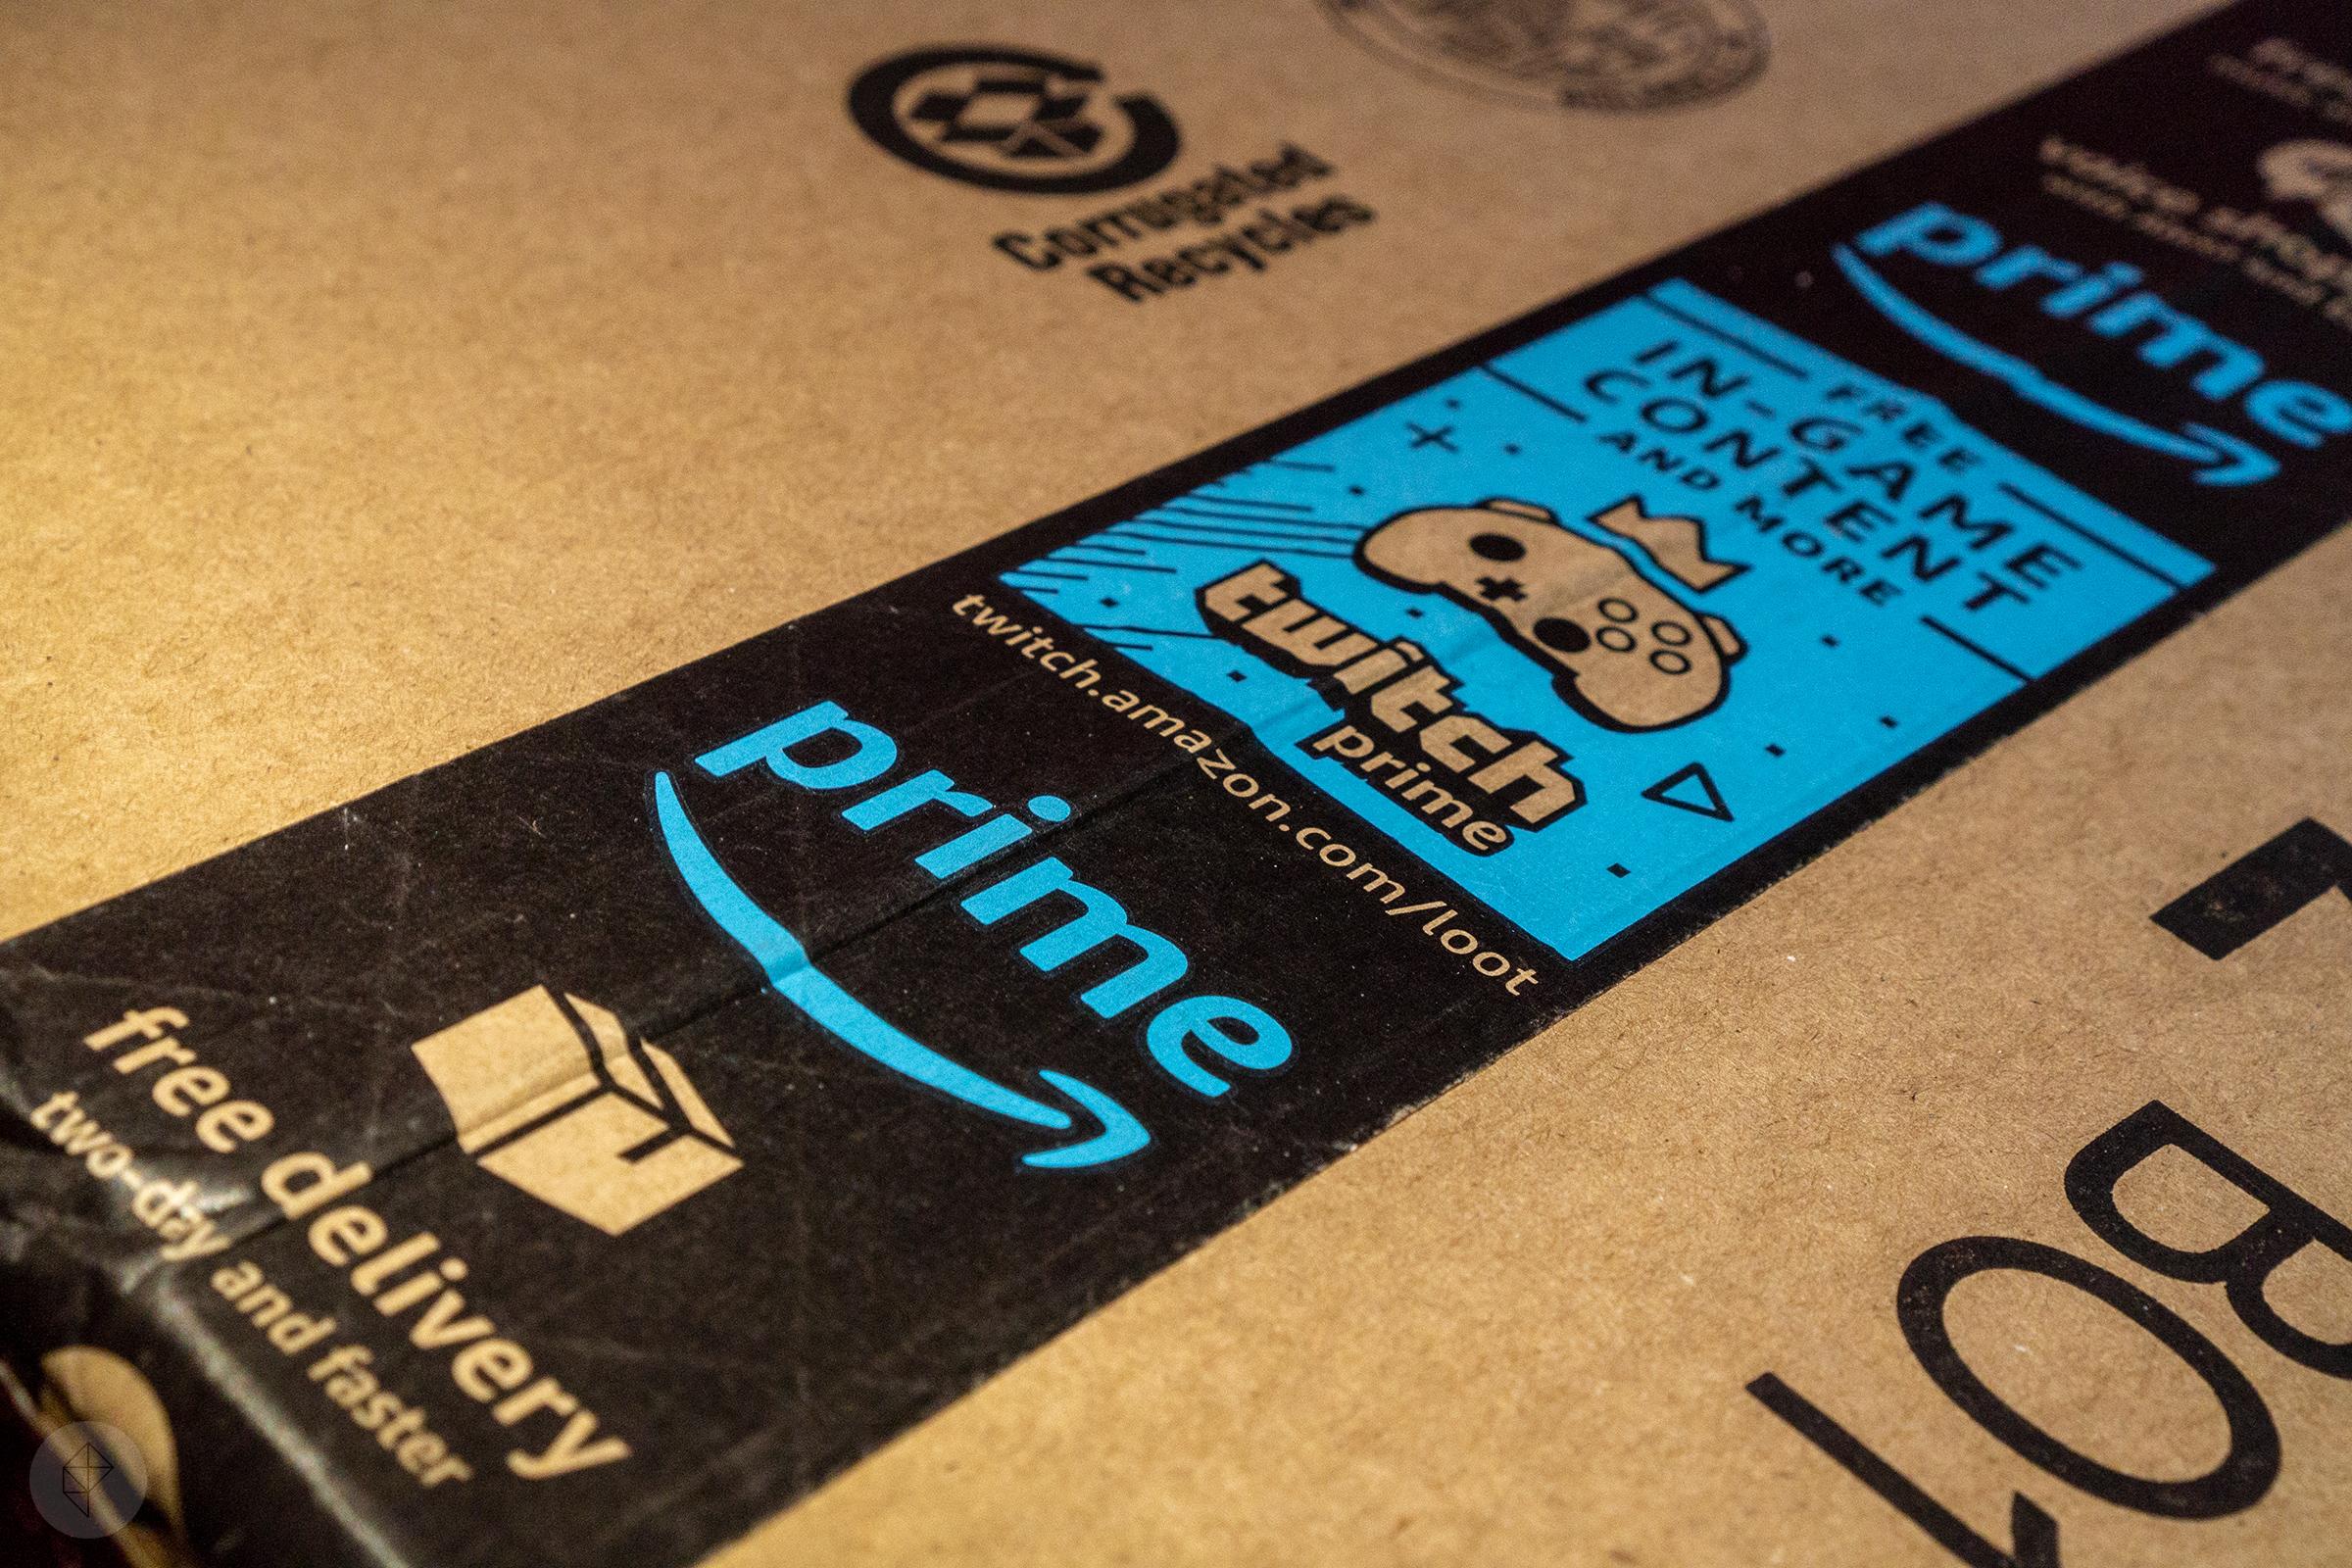 Amazon Prime tape on box stock photo